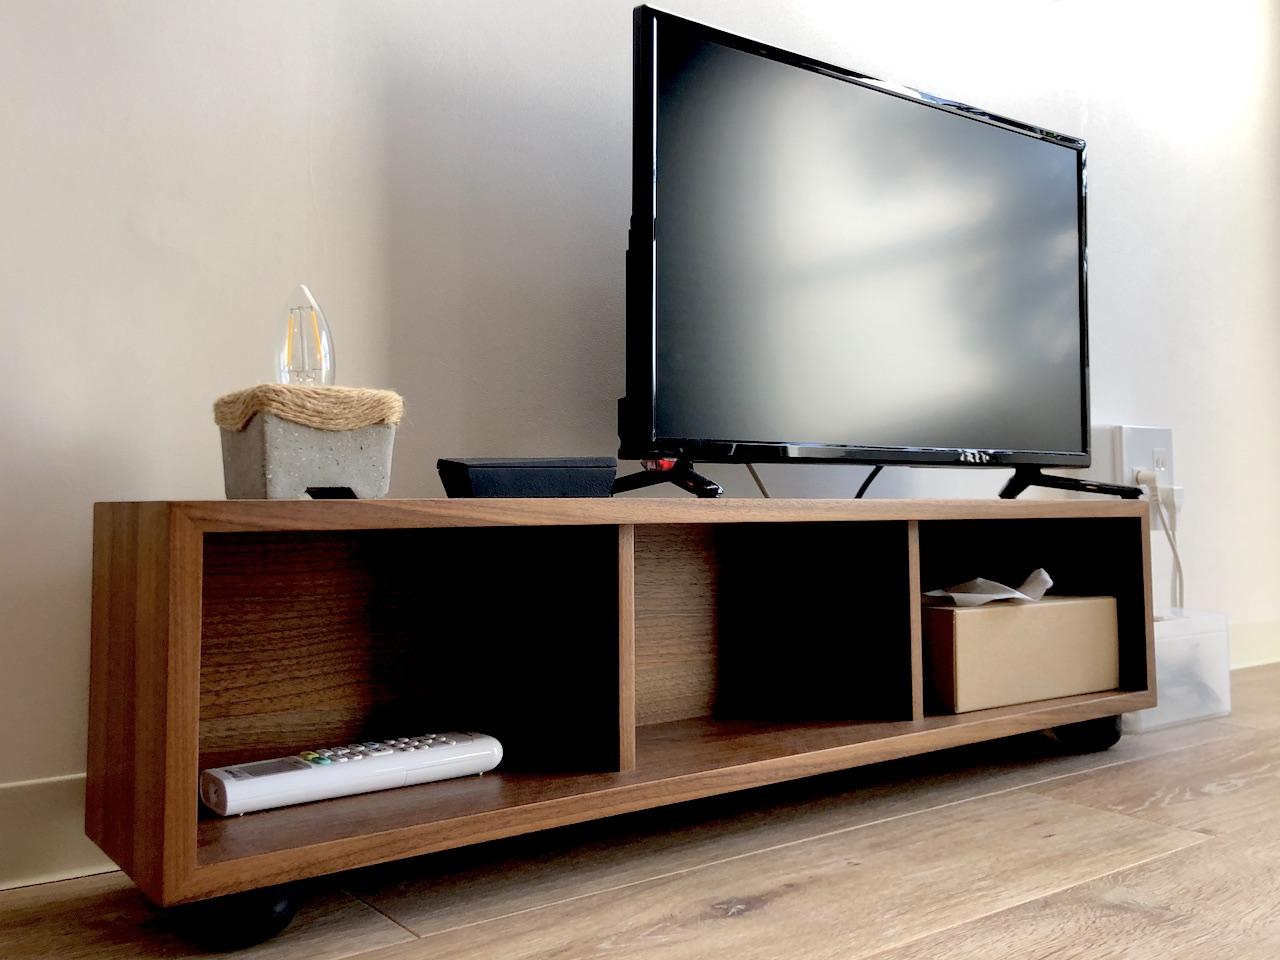 壁に付けられる家具をテレビ台にカスタマイズする簡単な方法